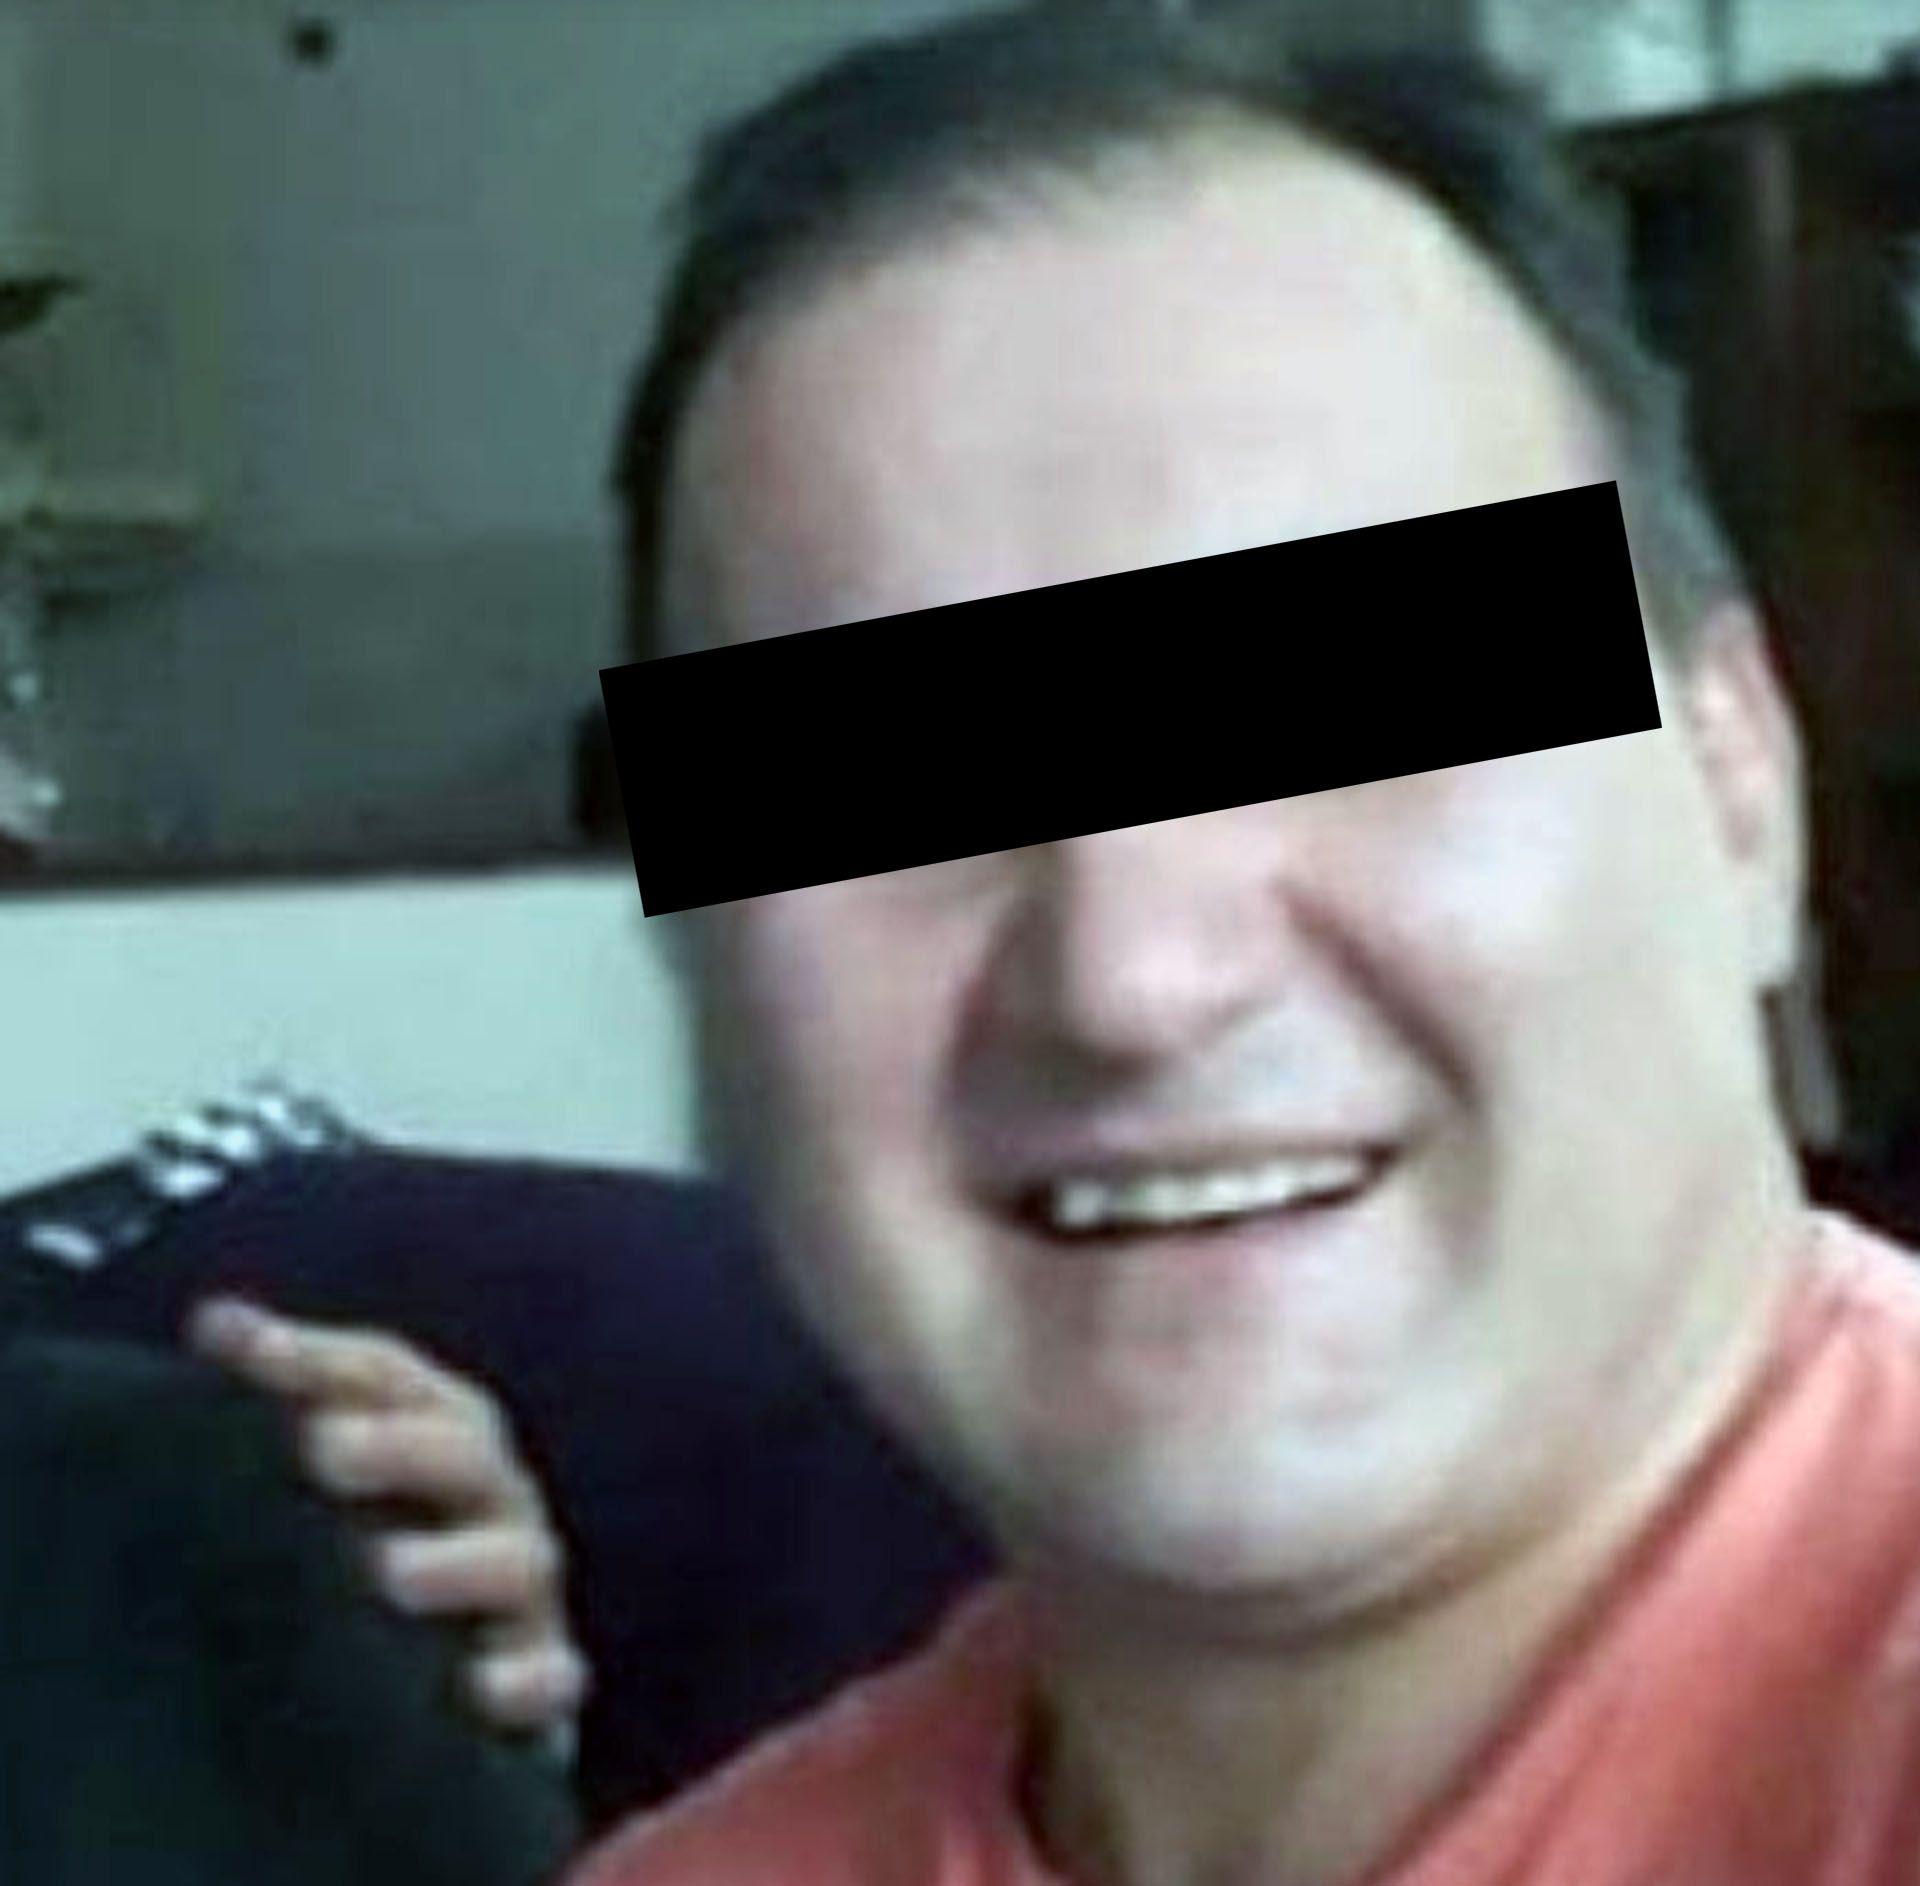 Dario Emanuel Aguirre profugo corrientes